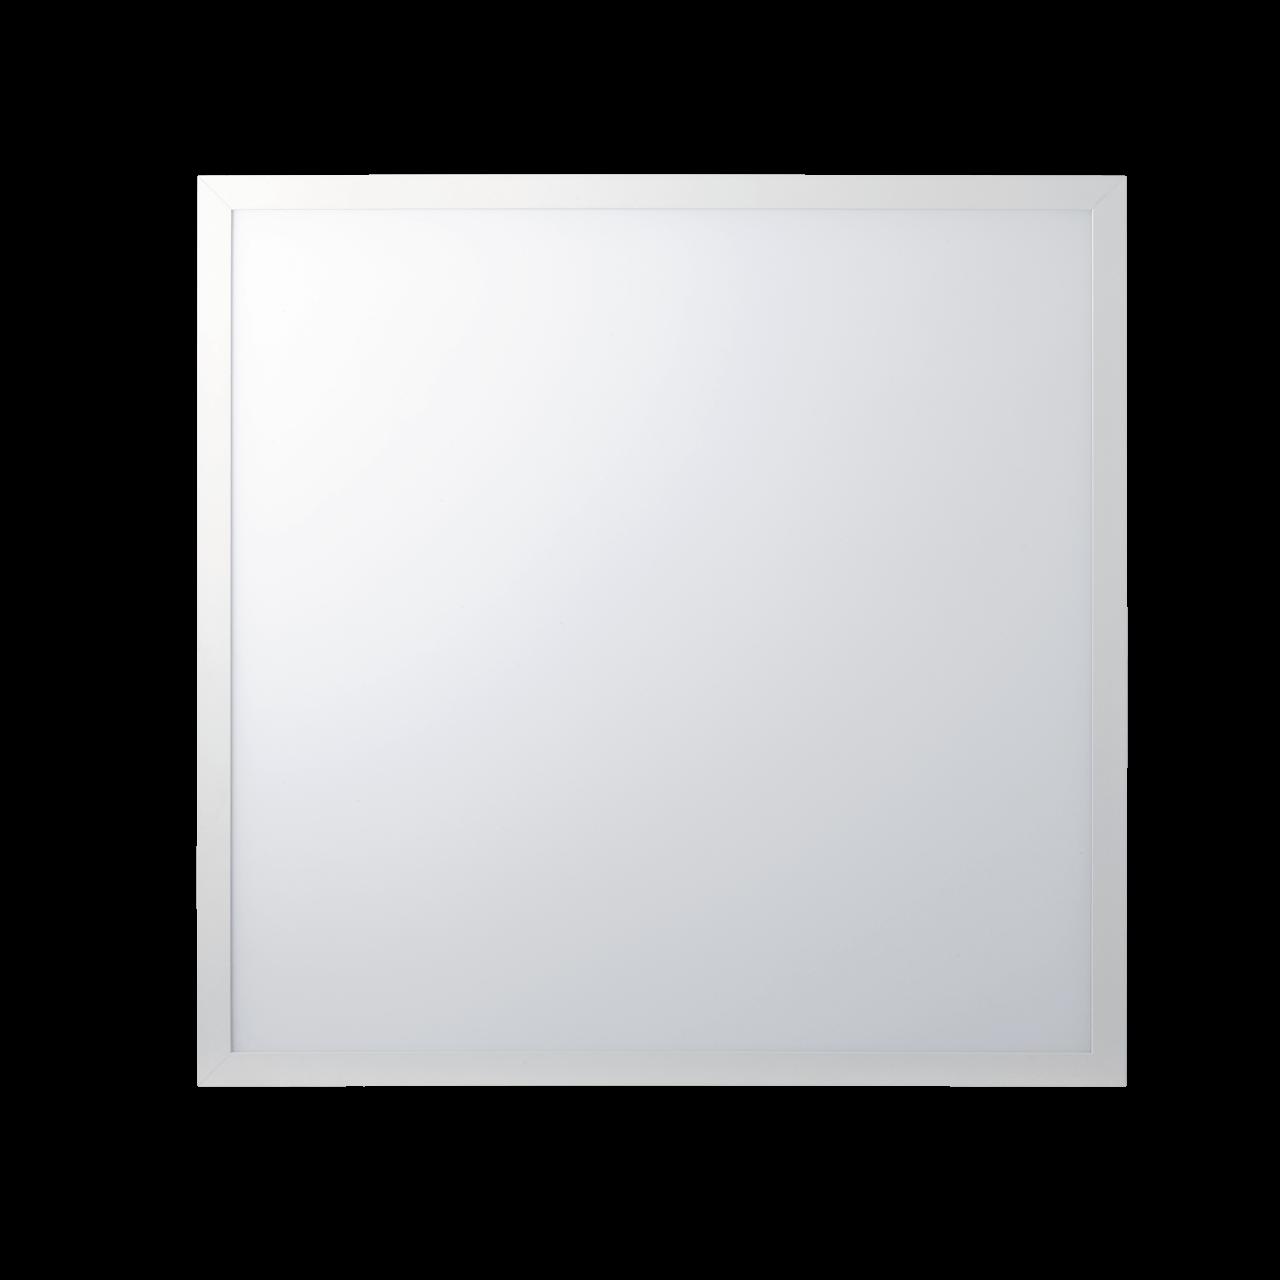 Світлодіодний вбудований світильник Ilumia 40Вт, 595х595х15мм, 6000К (холодний білий), 3000Лм (025)